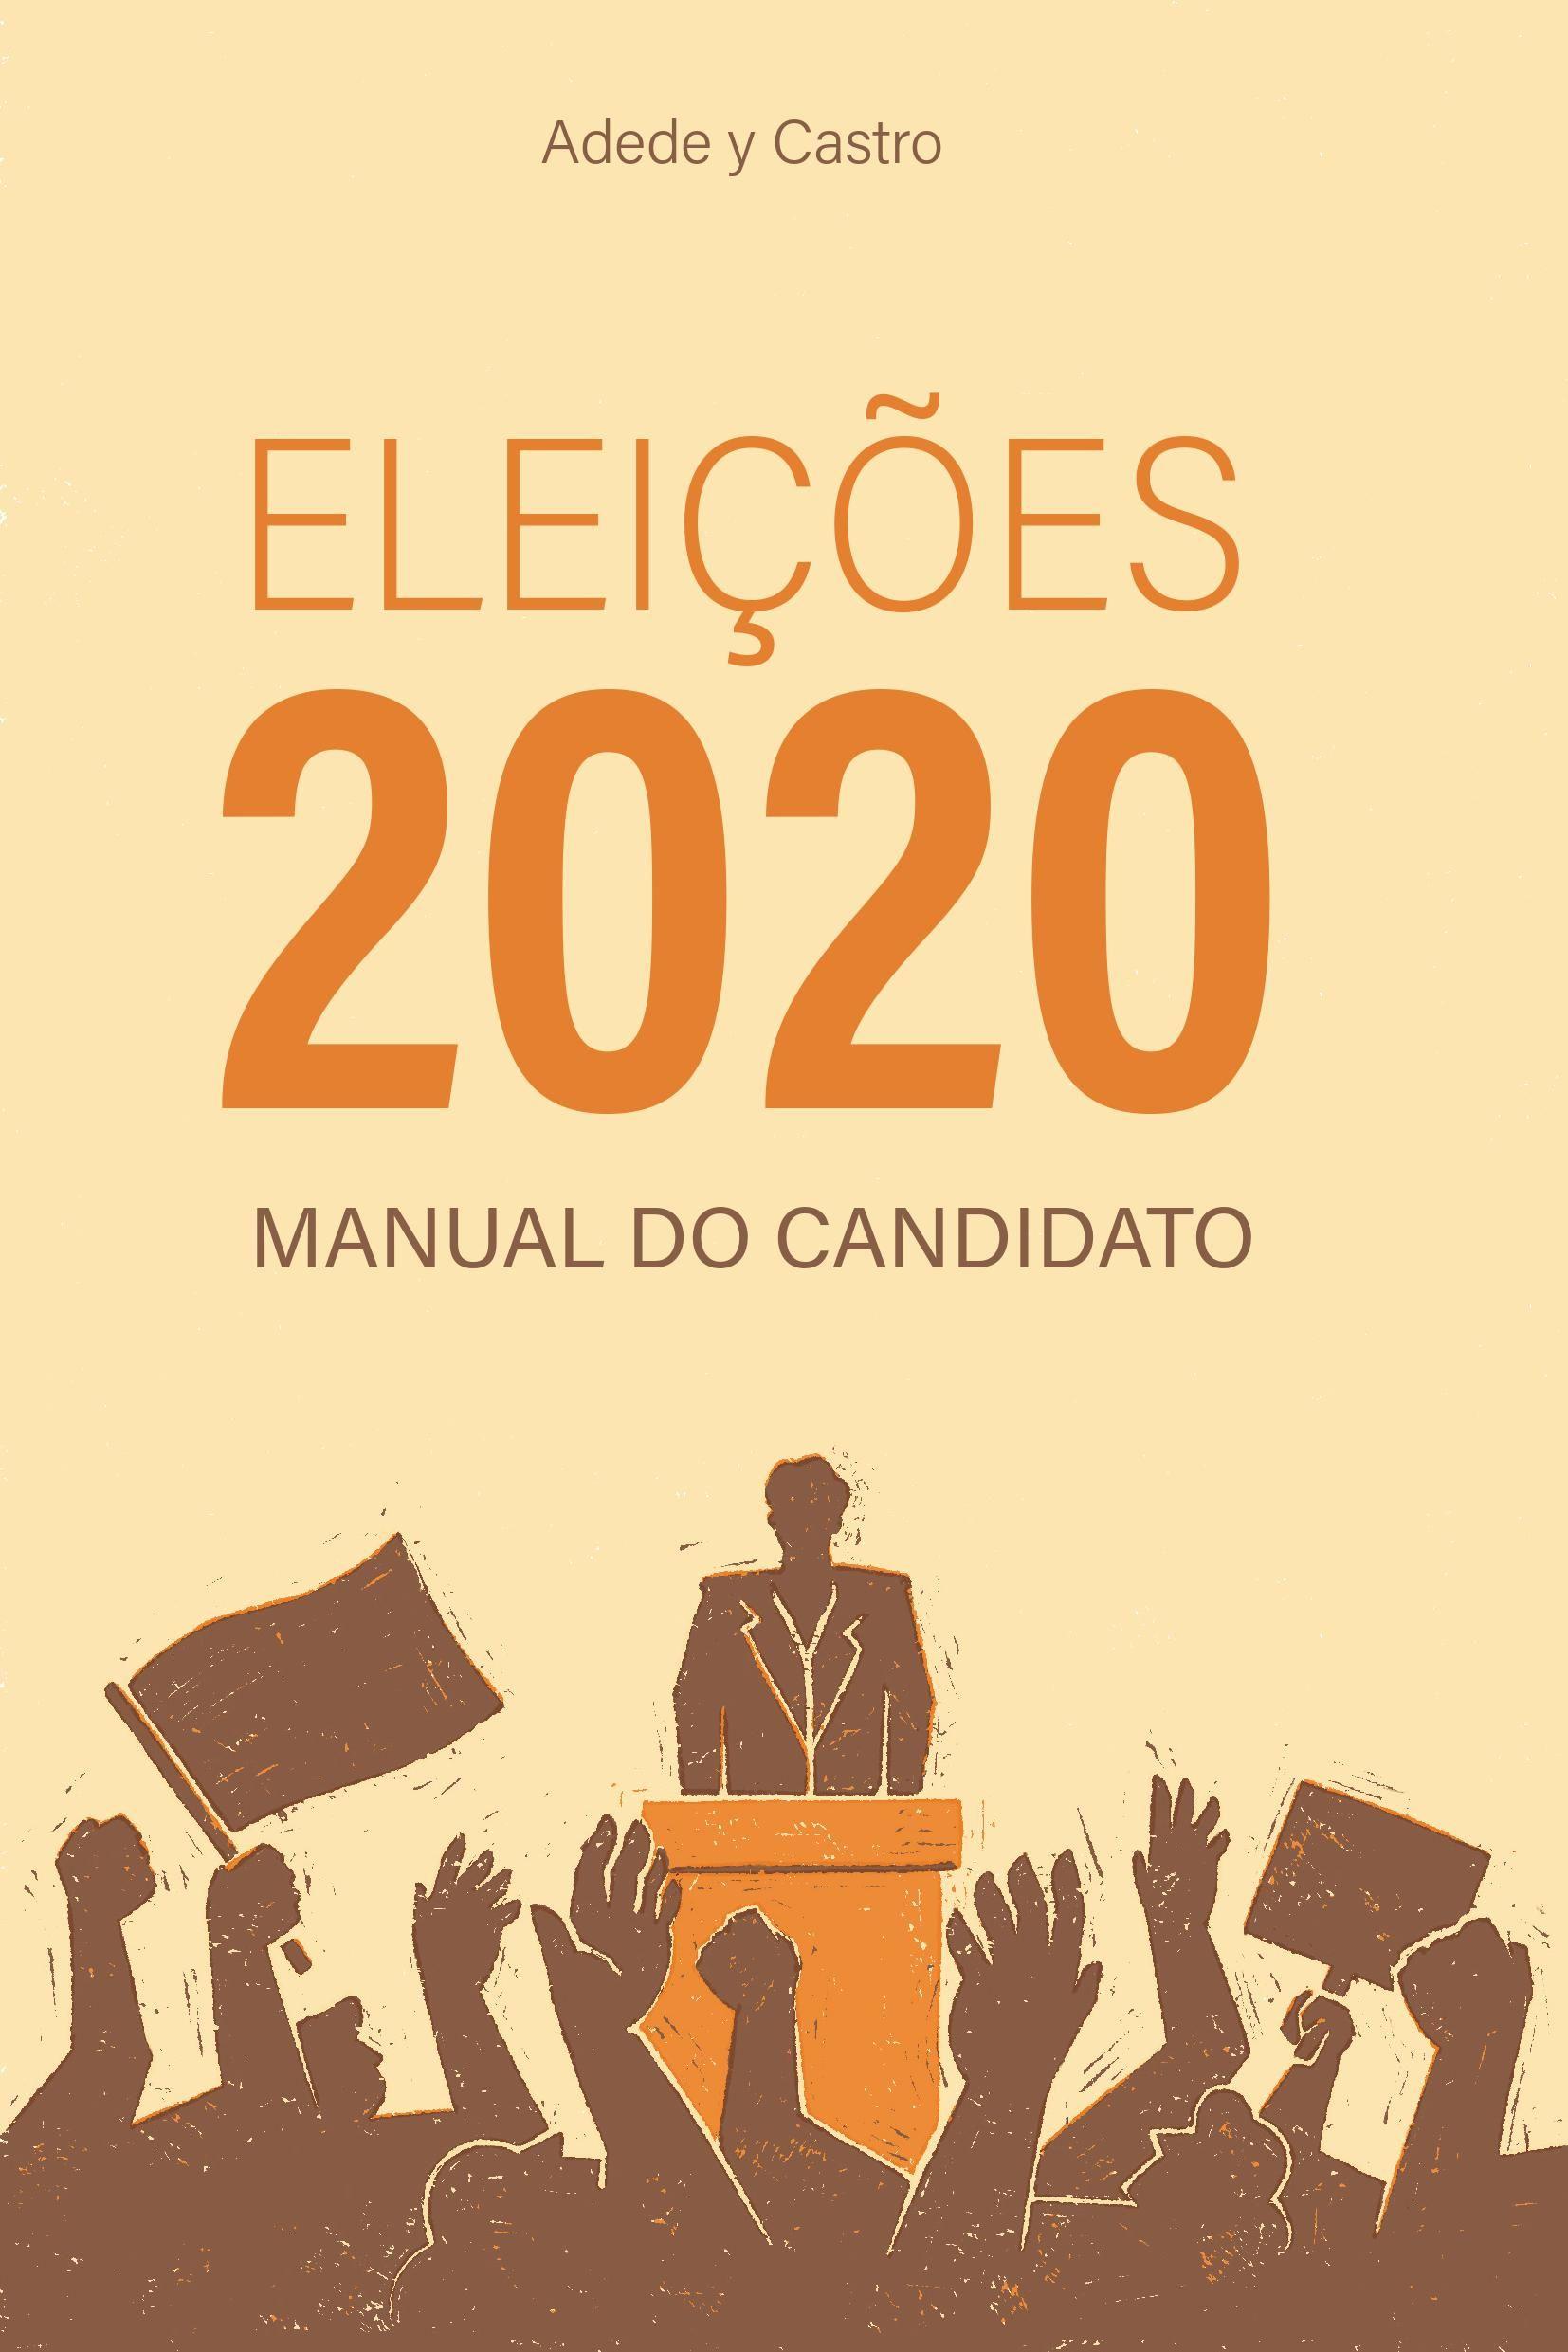 Eleições 2020 - Manual do Candidato